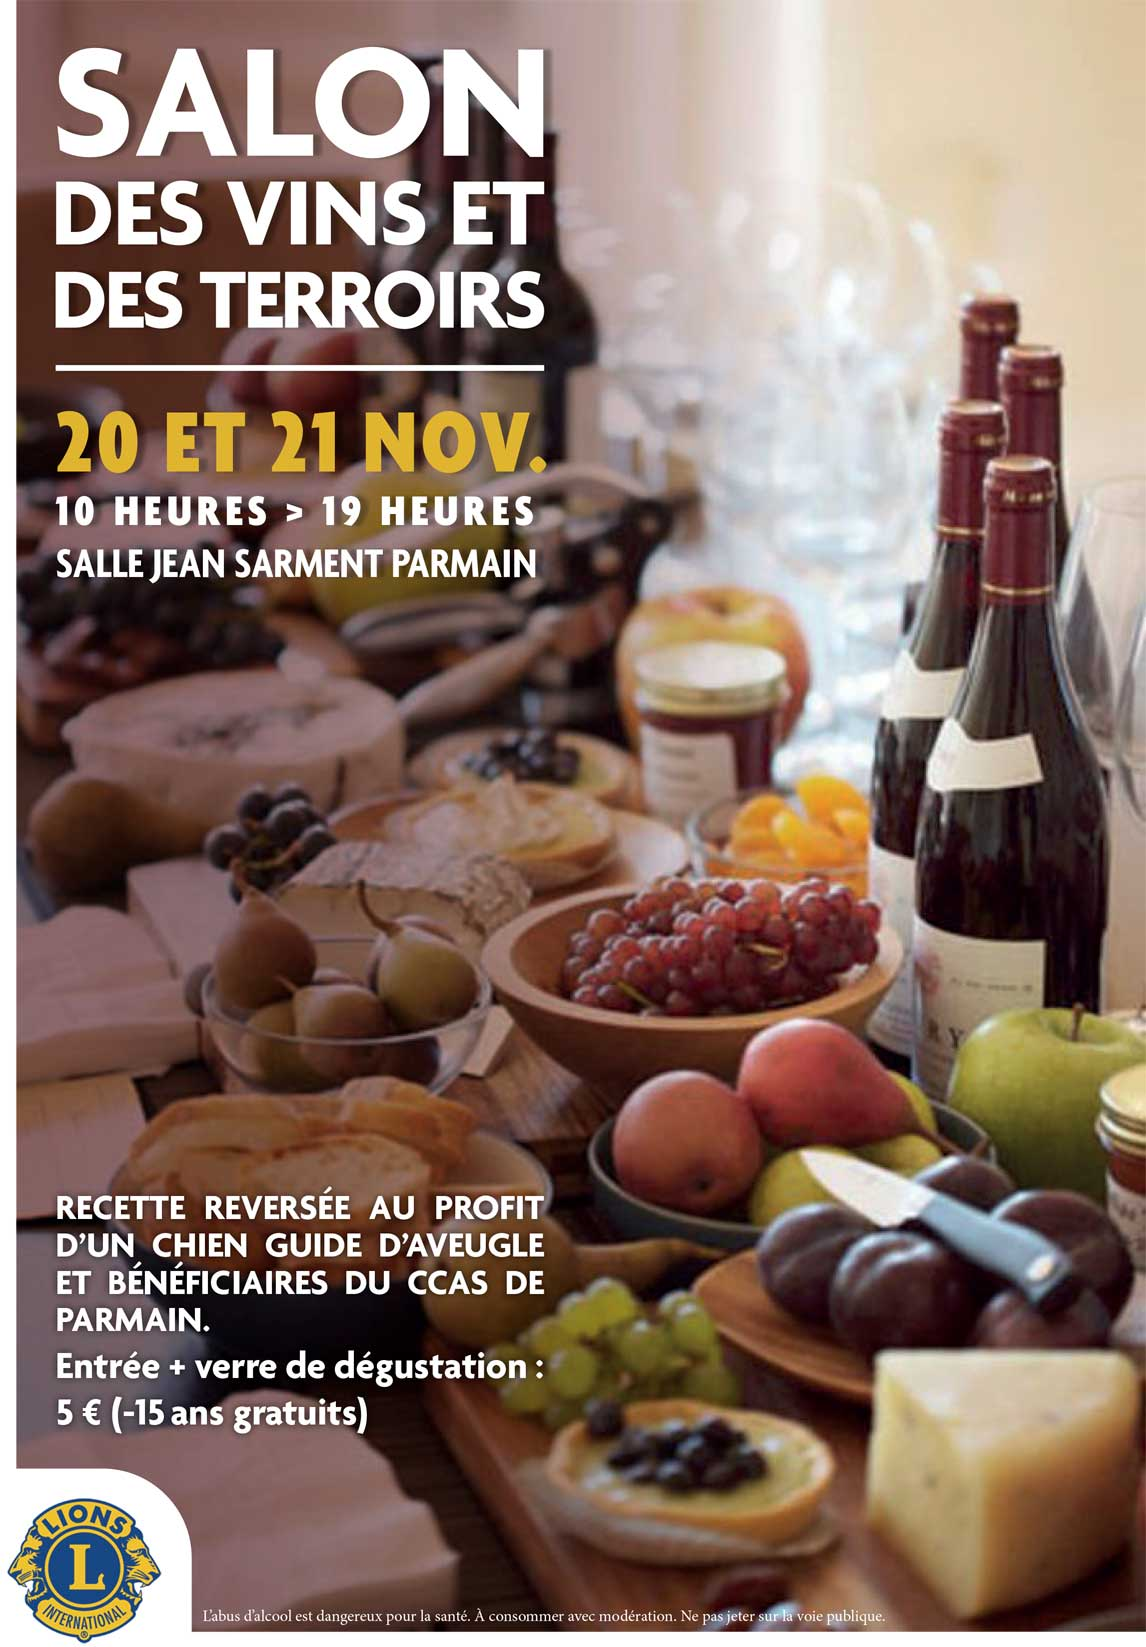 Salon des vins et des terroirs à Parmain le 20 et 21 novembre 2021